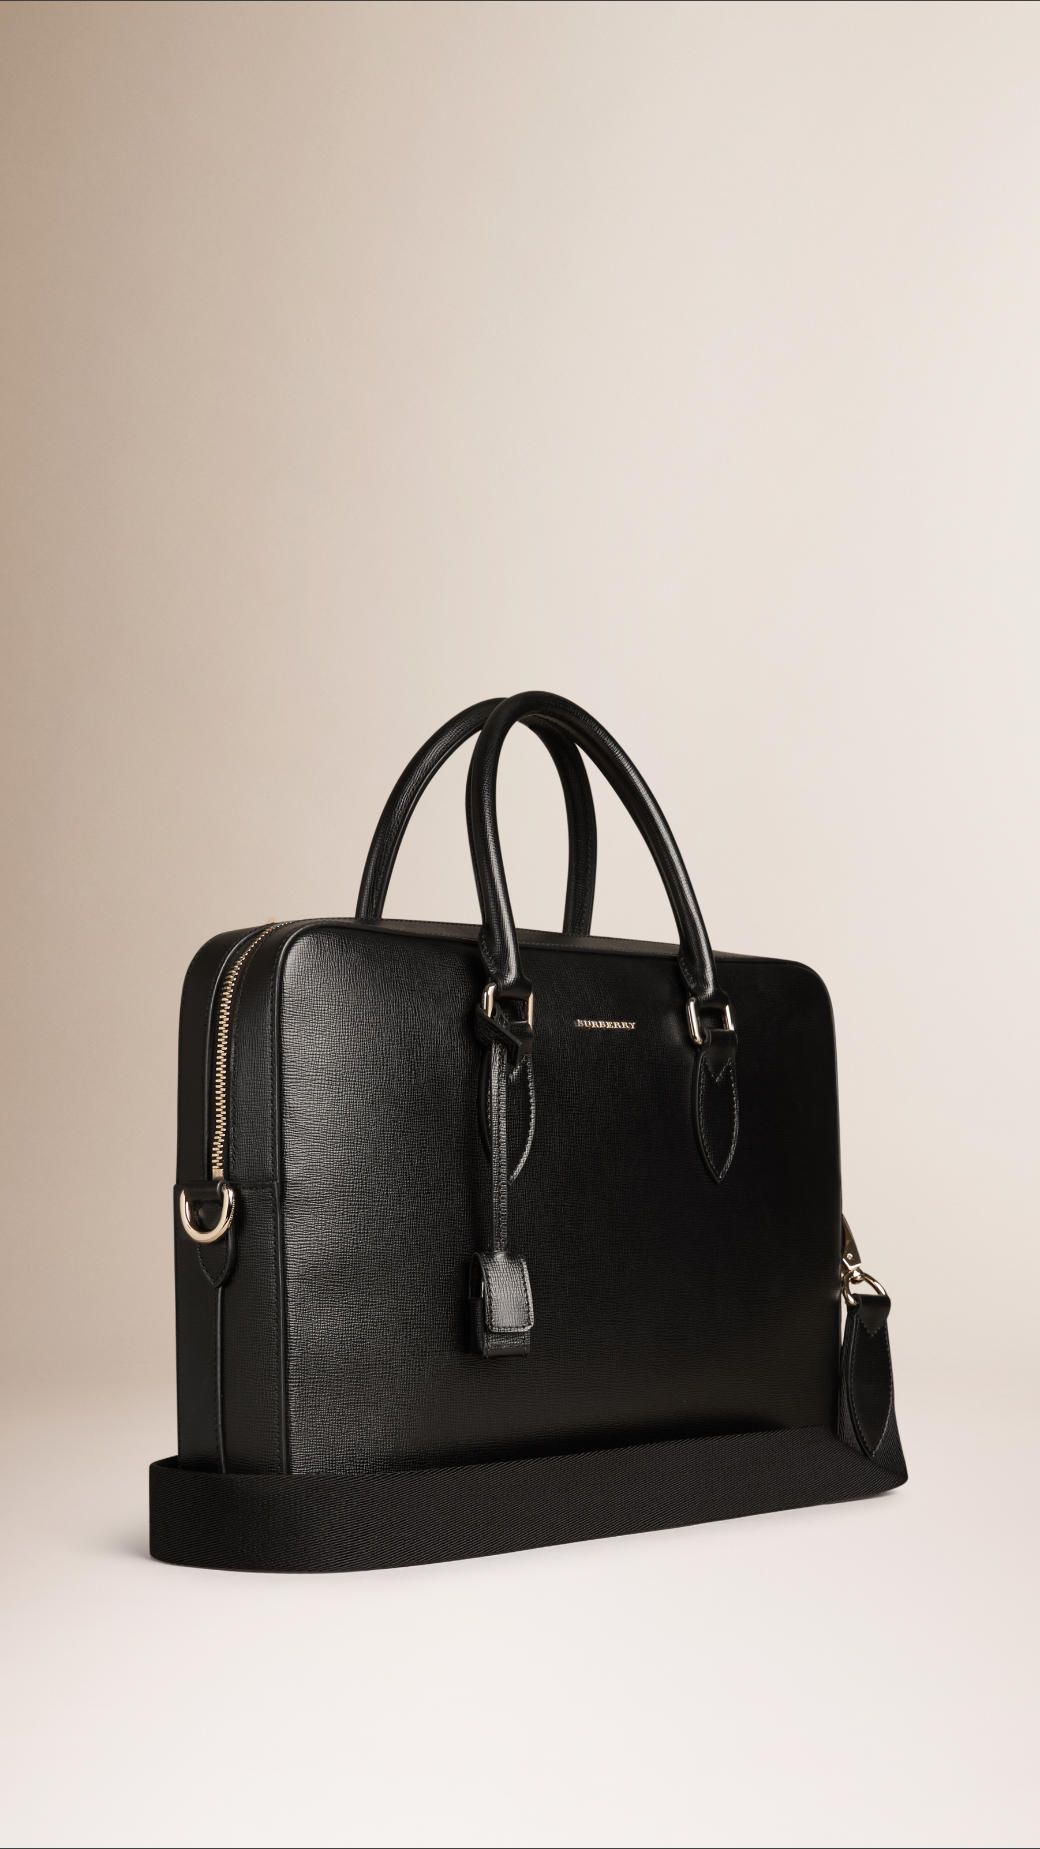 5aa2160fbcf Petit attaché-case en cuir London texturé avec anses roulées et bretelle en  toile tissée amovible Contour zippé